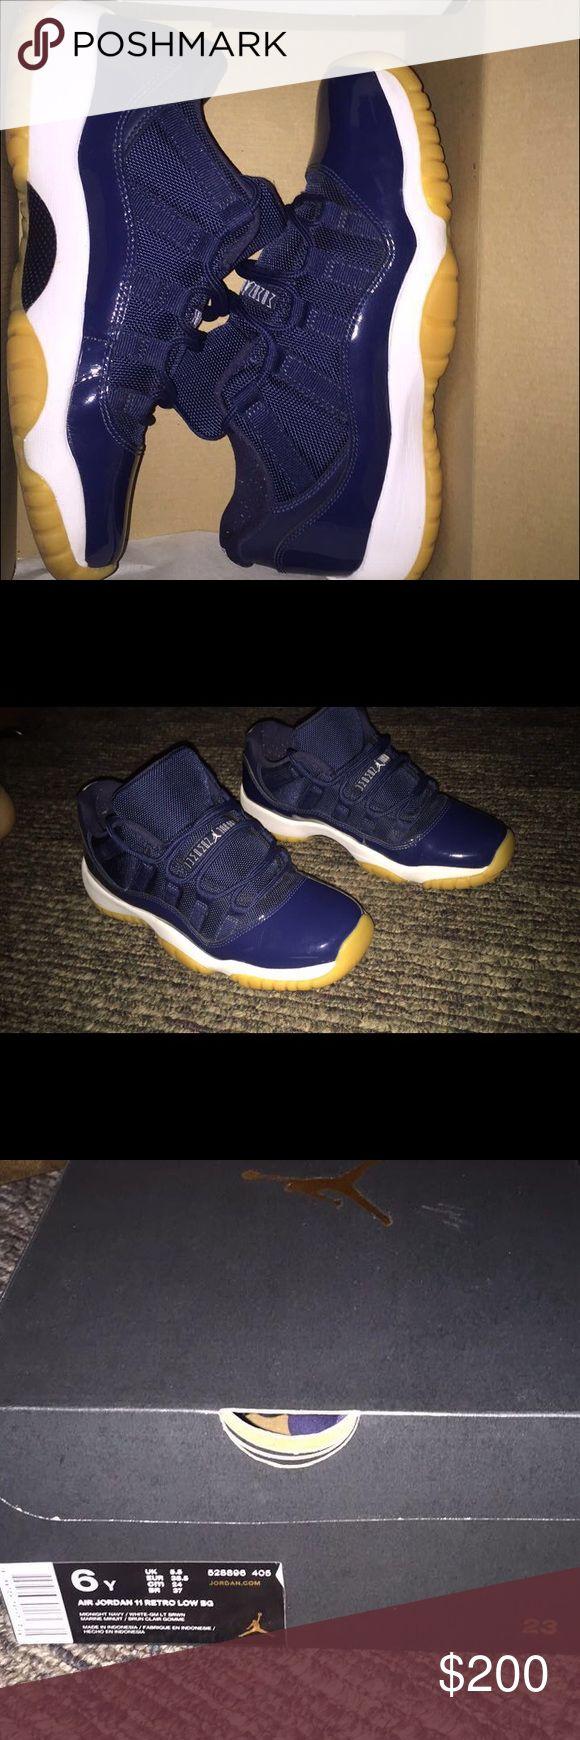 navy blue jordan 11s size 6 condition 9/10 Jordan Shoes Athletic Shoes